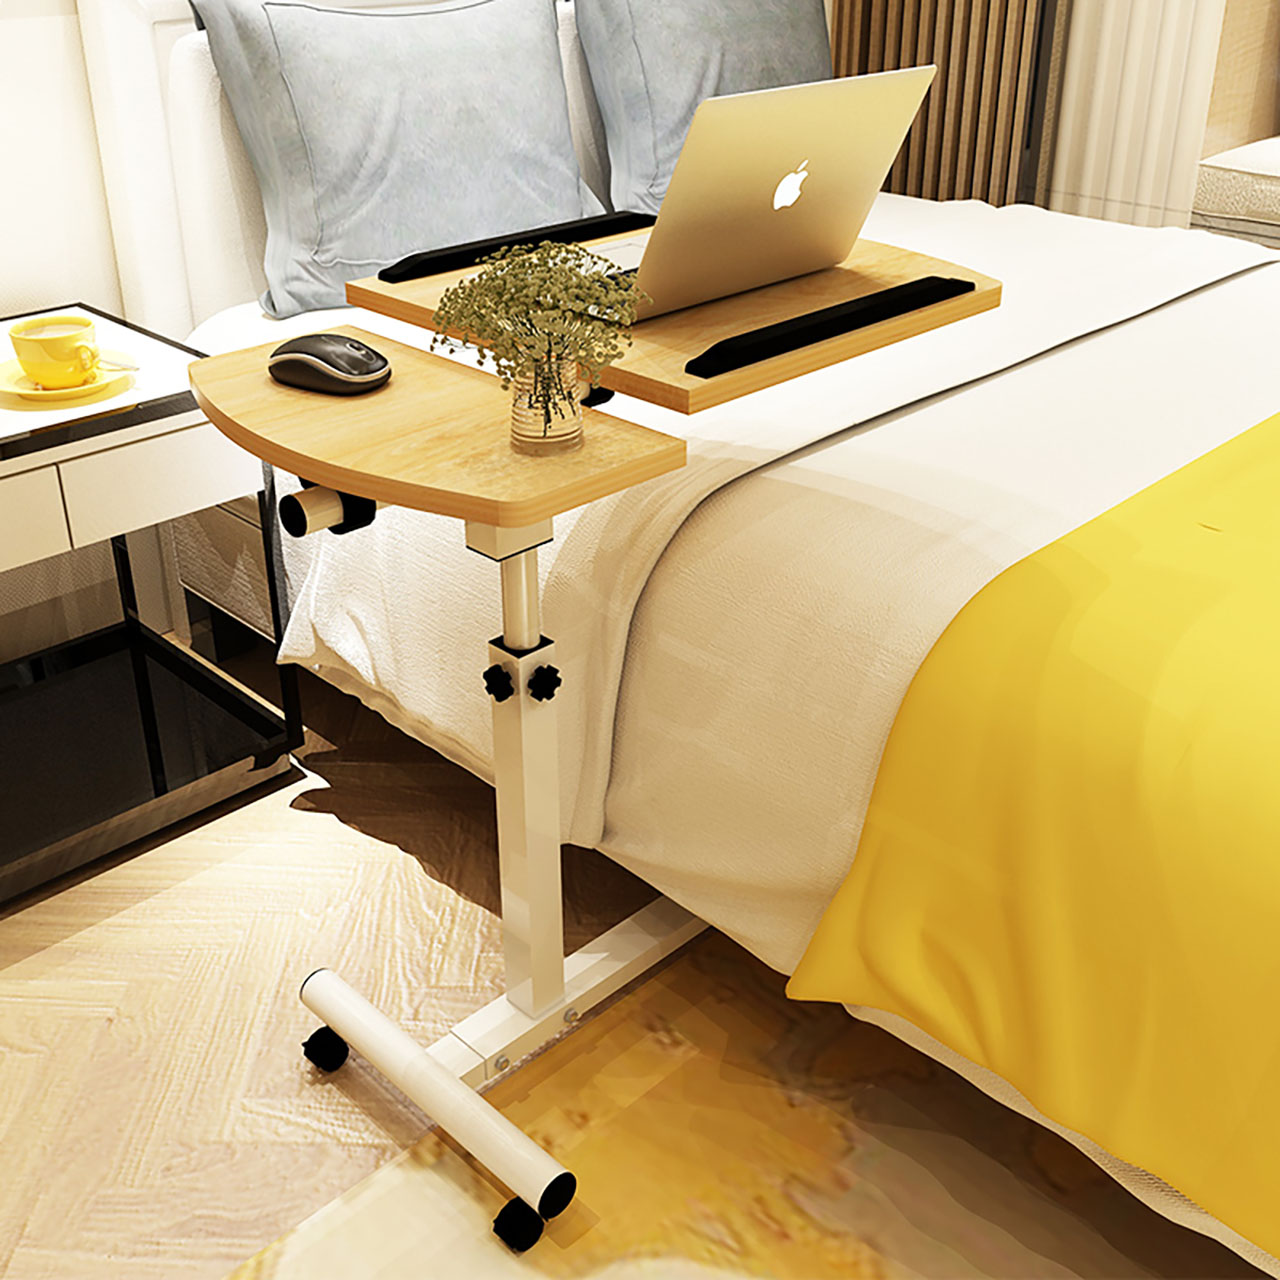 亿家达笔记本电脑桌子床上学习用家用升降可折叠移动床边桌子简约